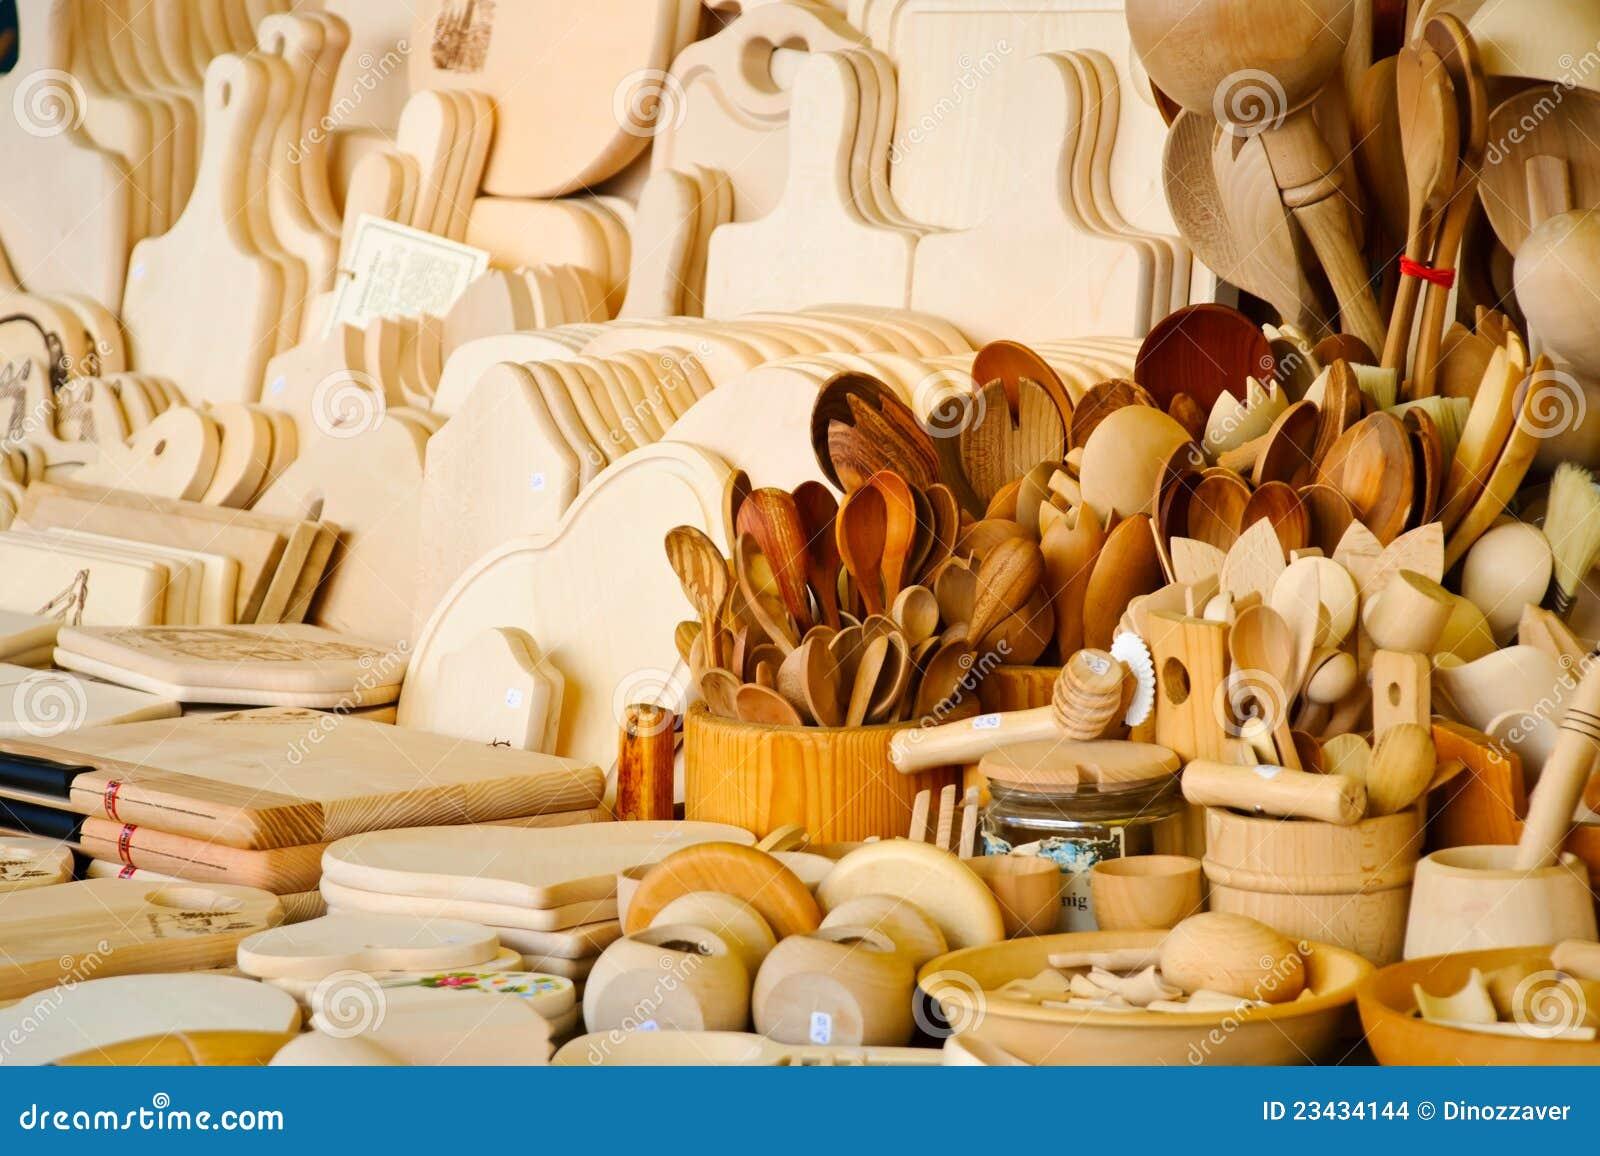 Accessoires En Bois De Cuisine Images stock  Image 23434144